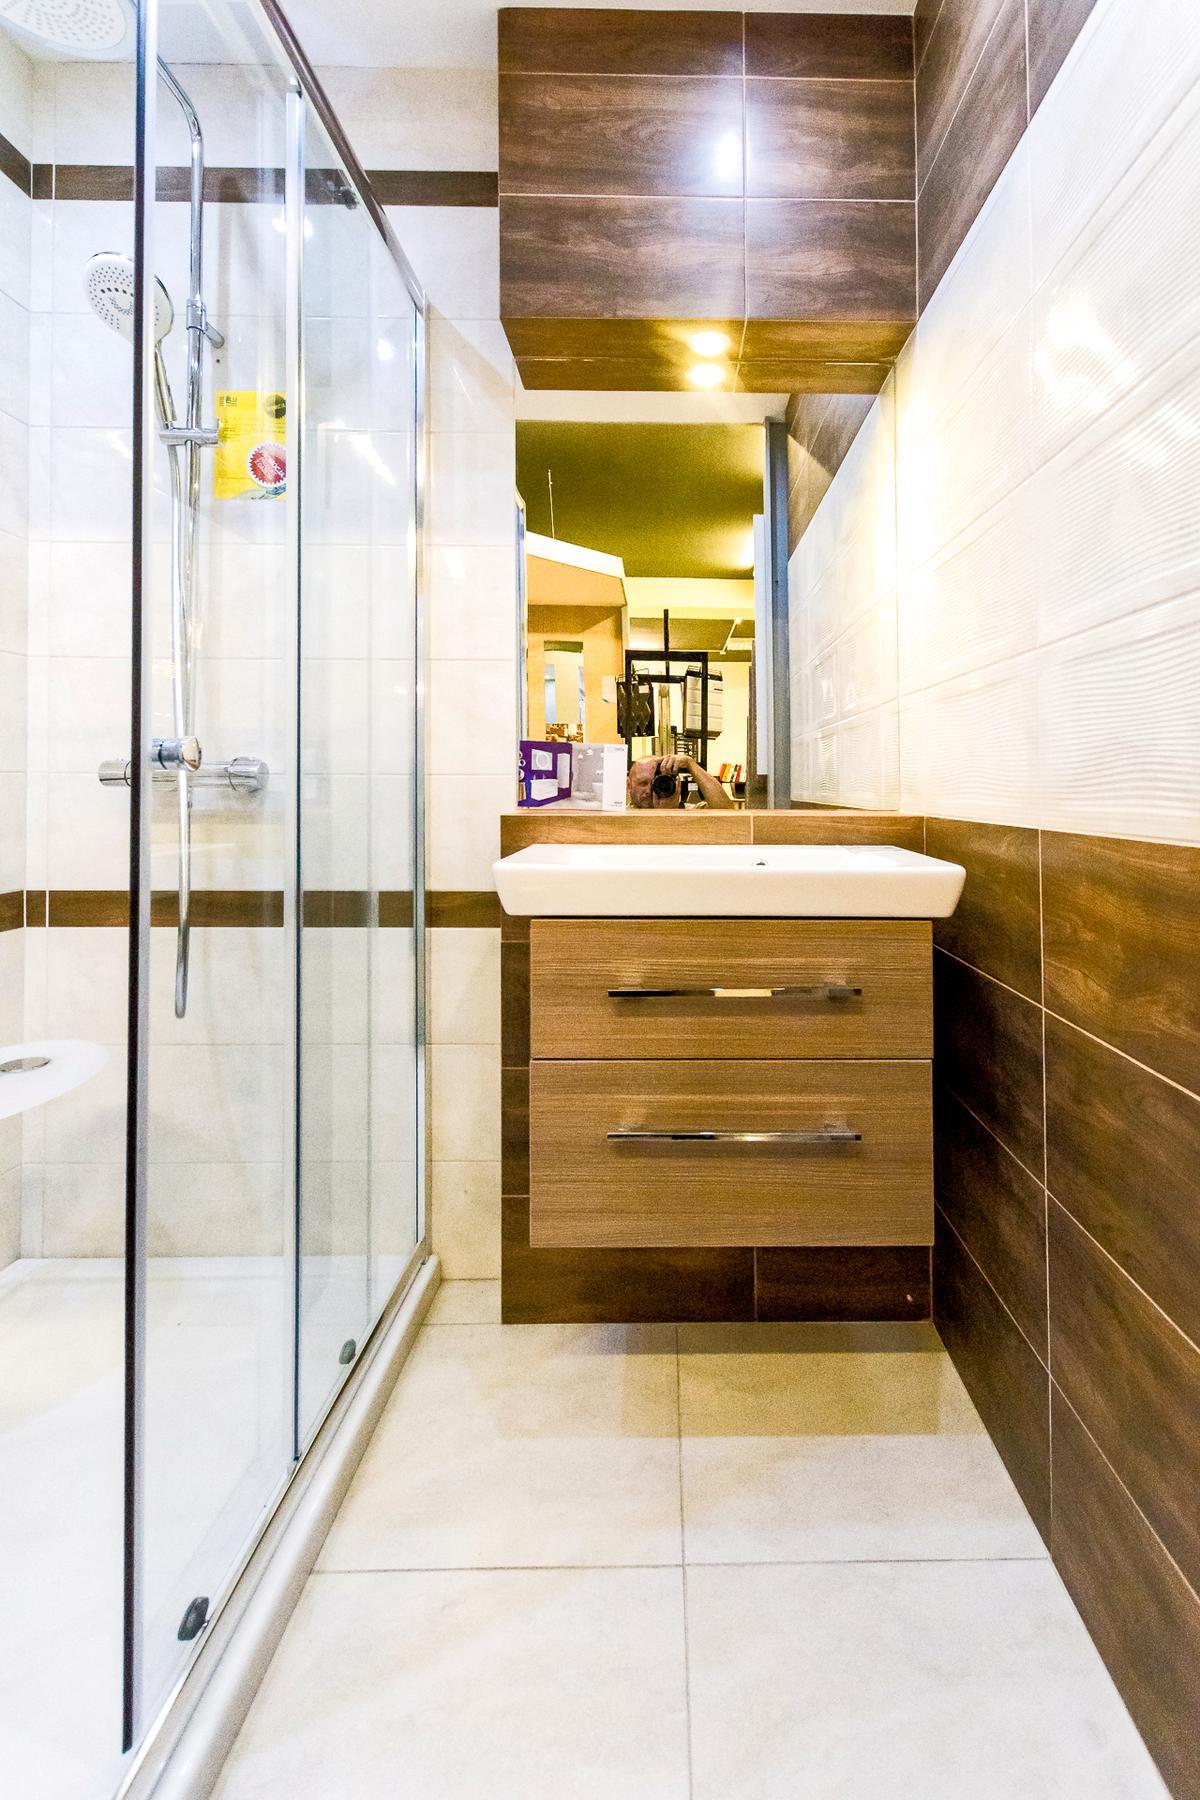 Aranżacja łazienki w kolekcji Domino Enna - zdjęcie od BLU salon łazienek Siedlce